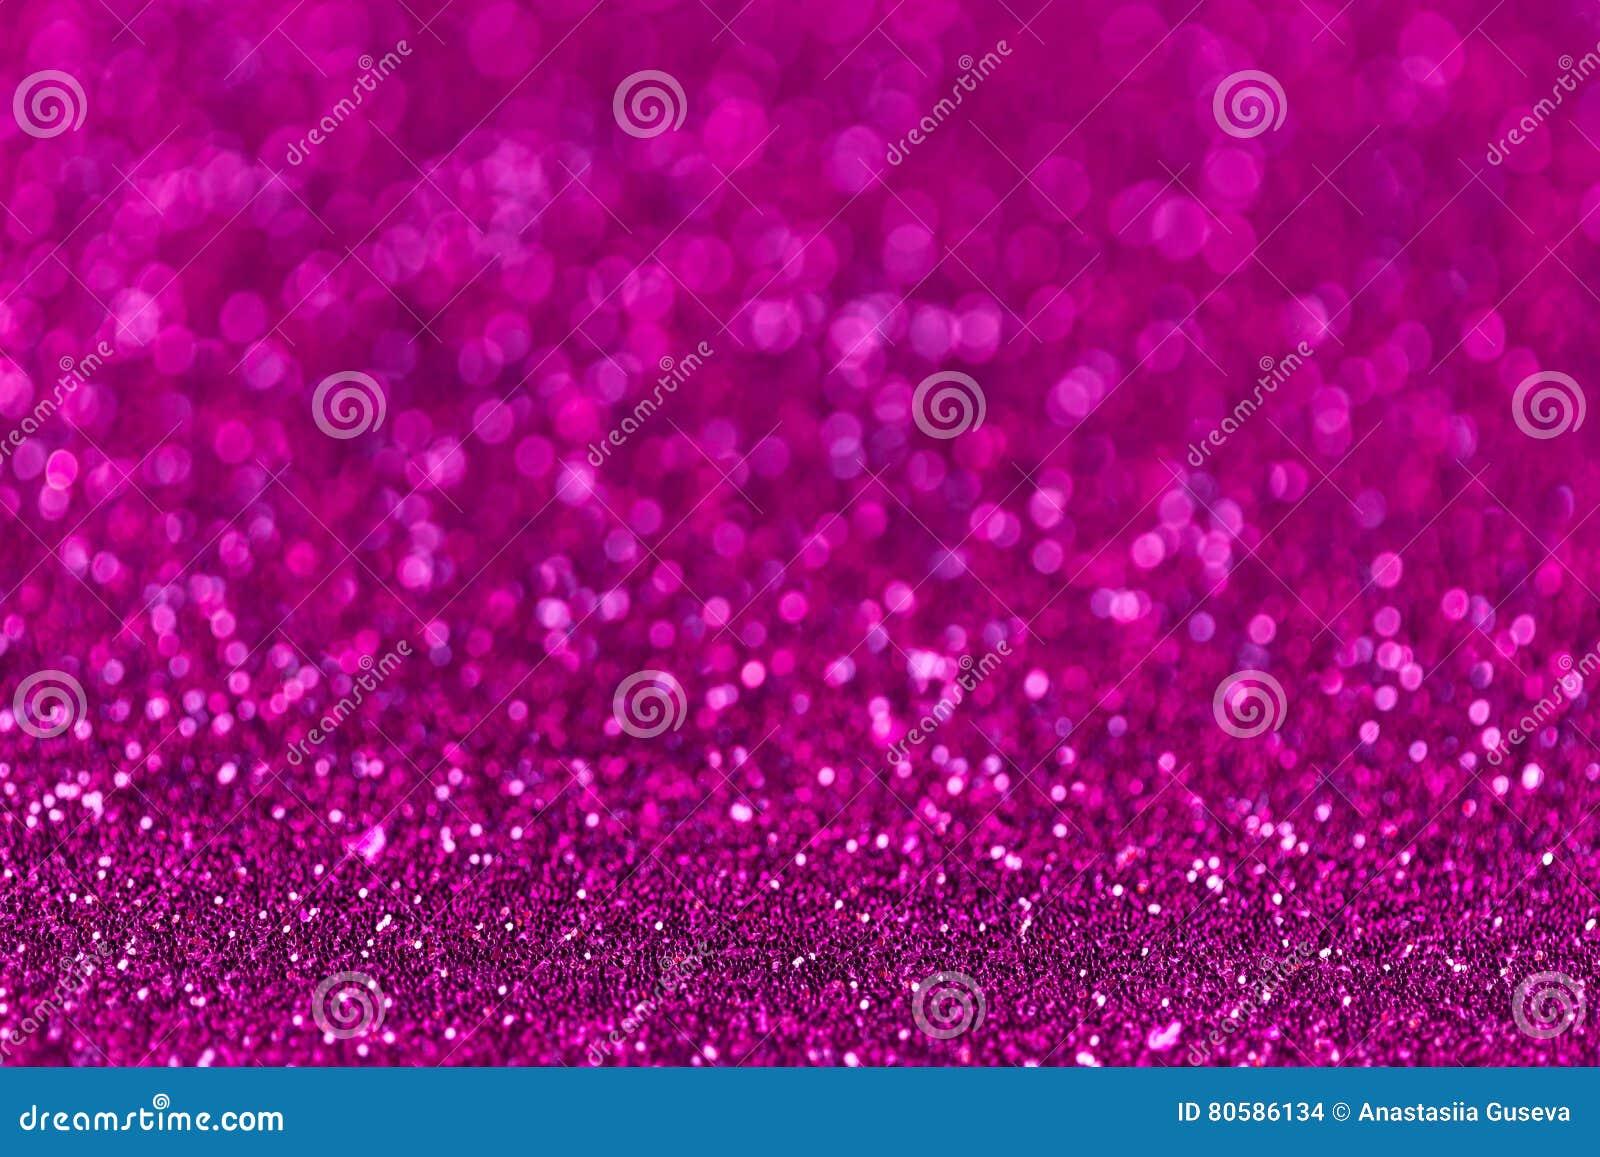 purple wallpaper small - photo #10